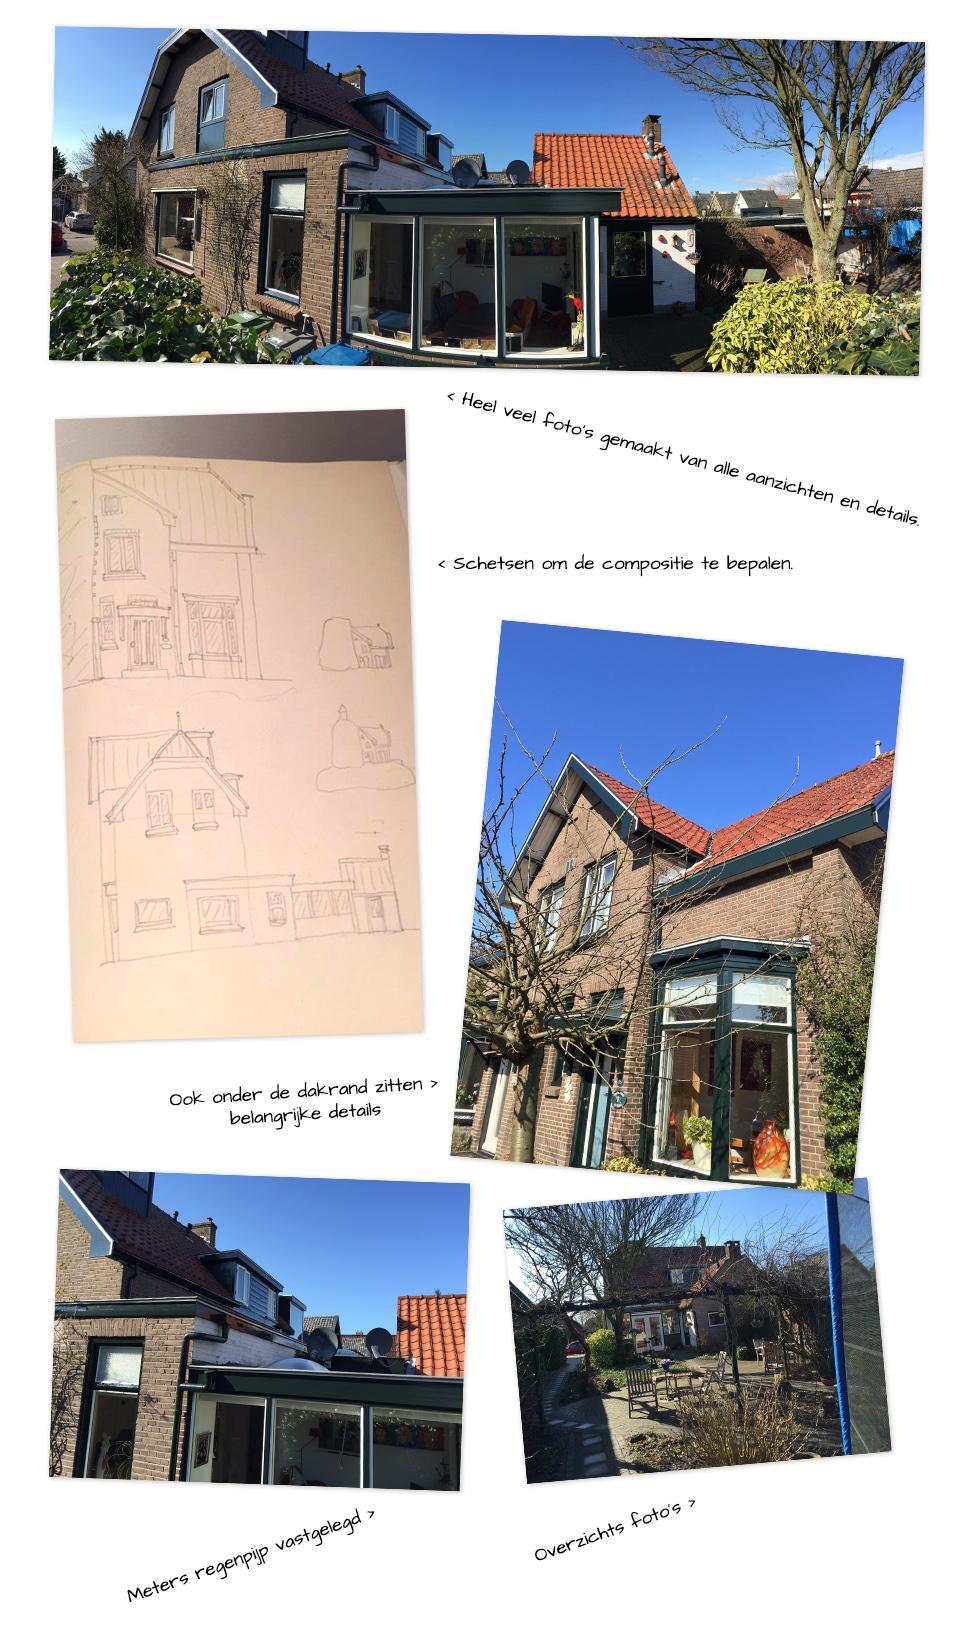 Foto's van het huis al referentie